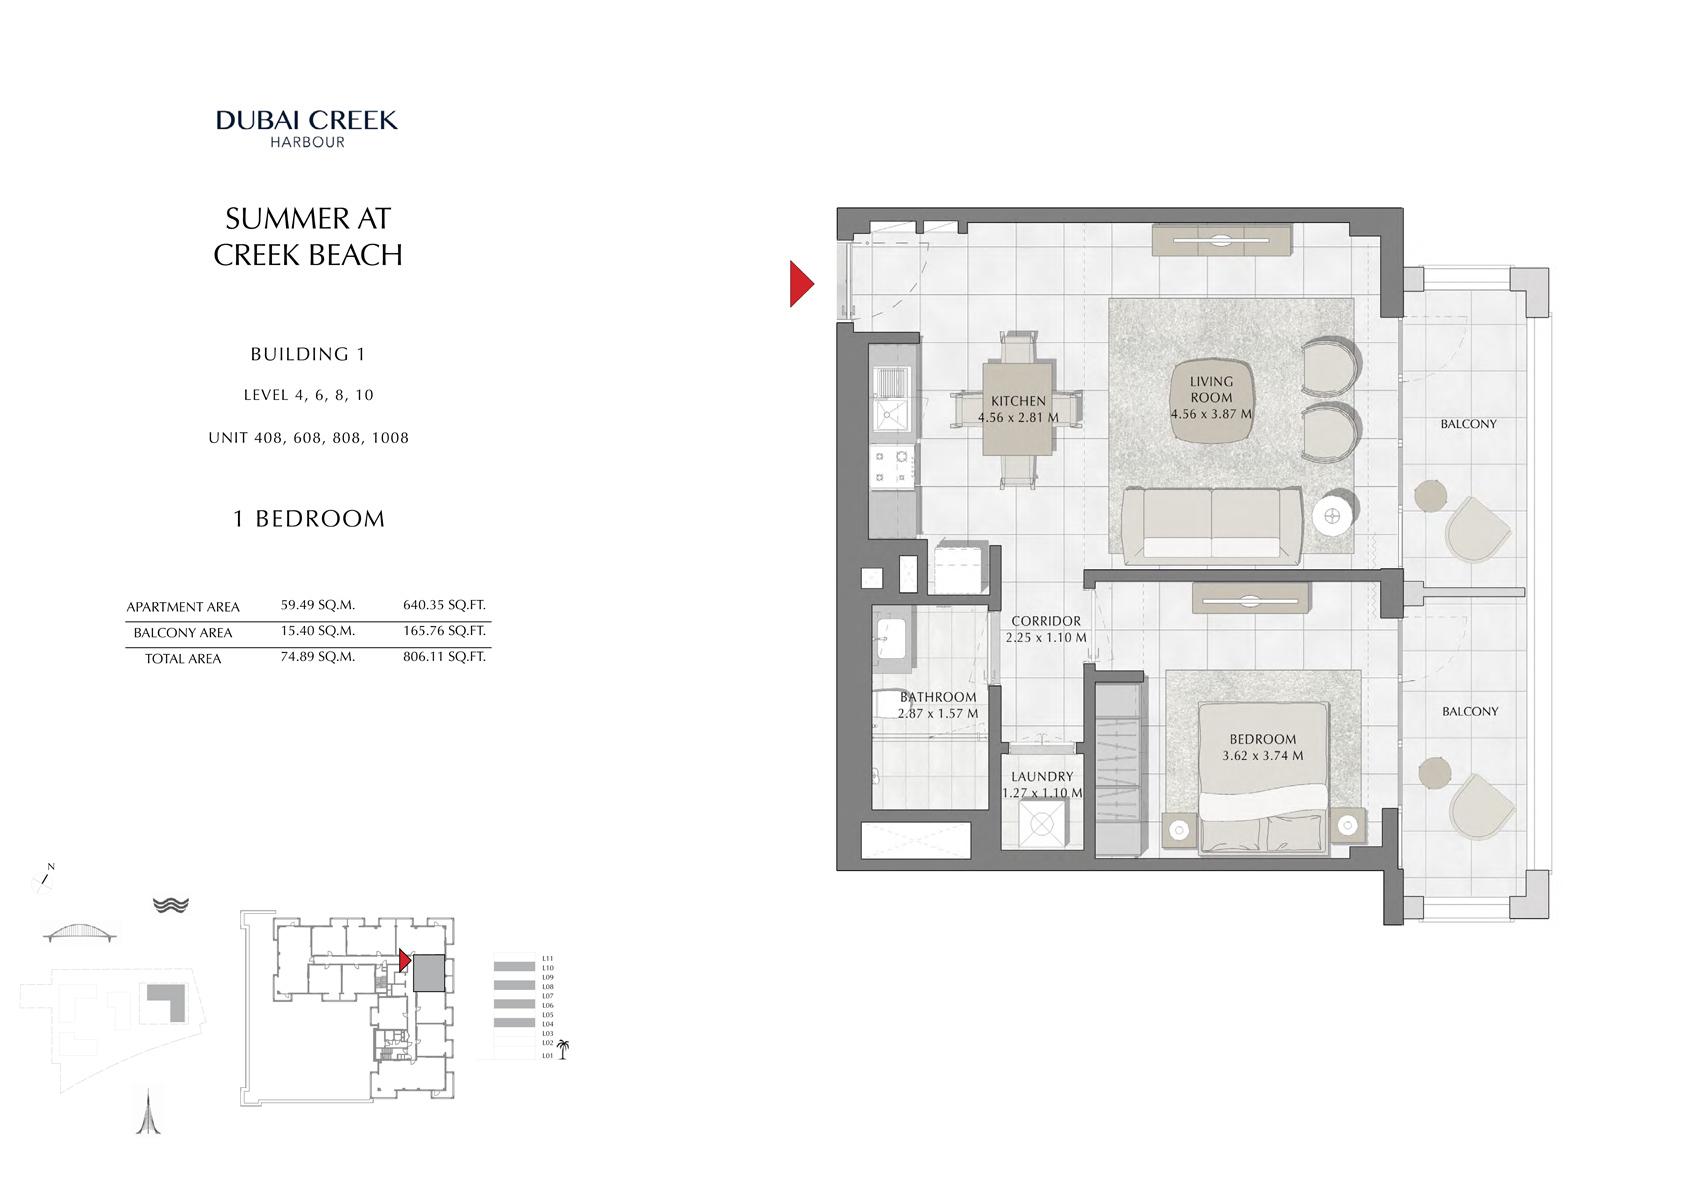 1 Br Building 1 Level-4-6-8-10 Unit 408-608-808-1008, Size 806 Sq Ft